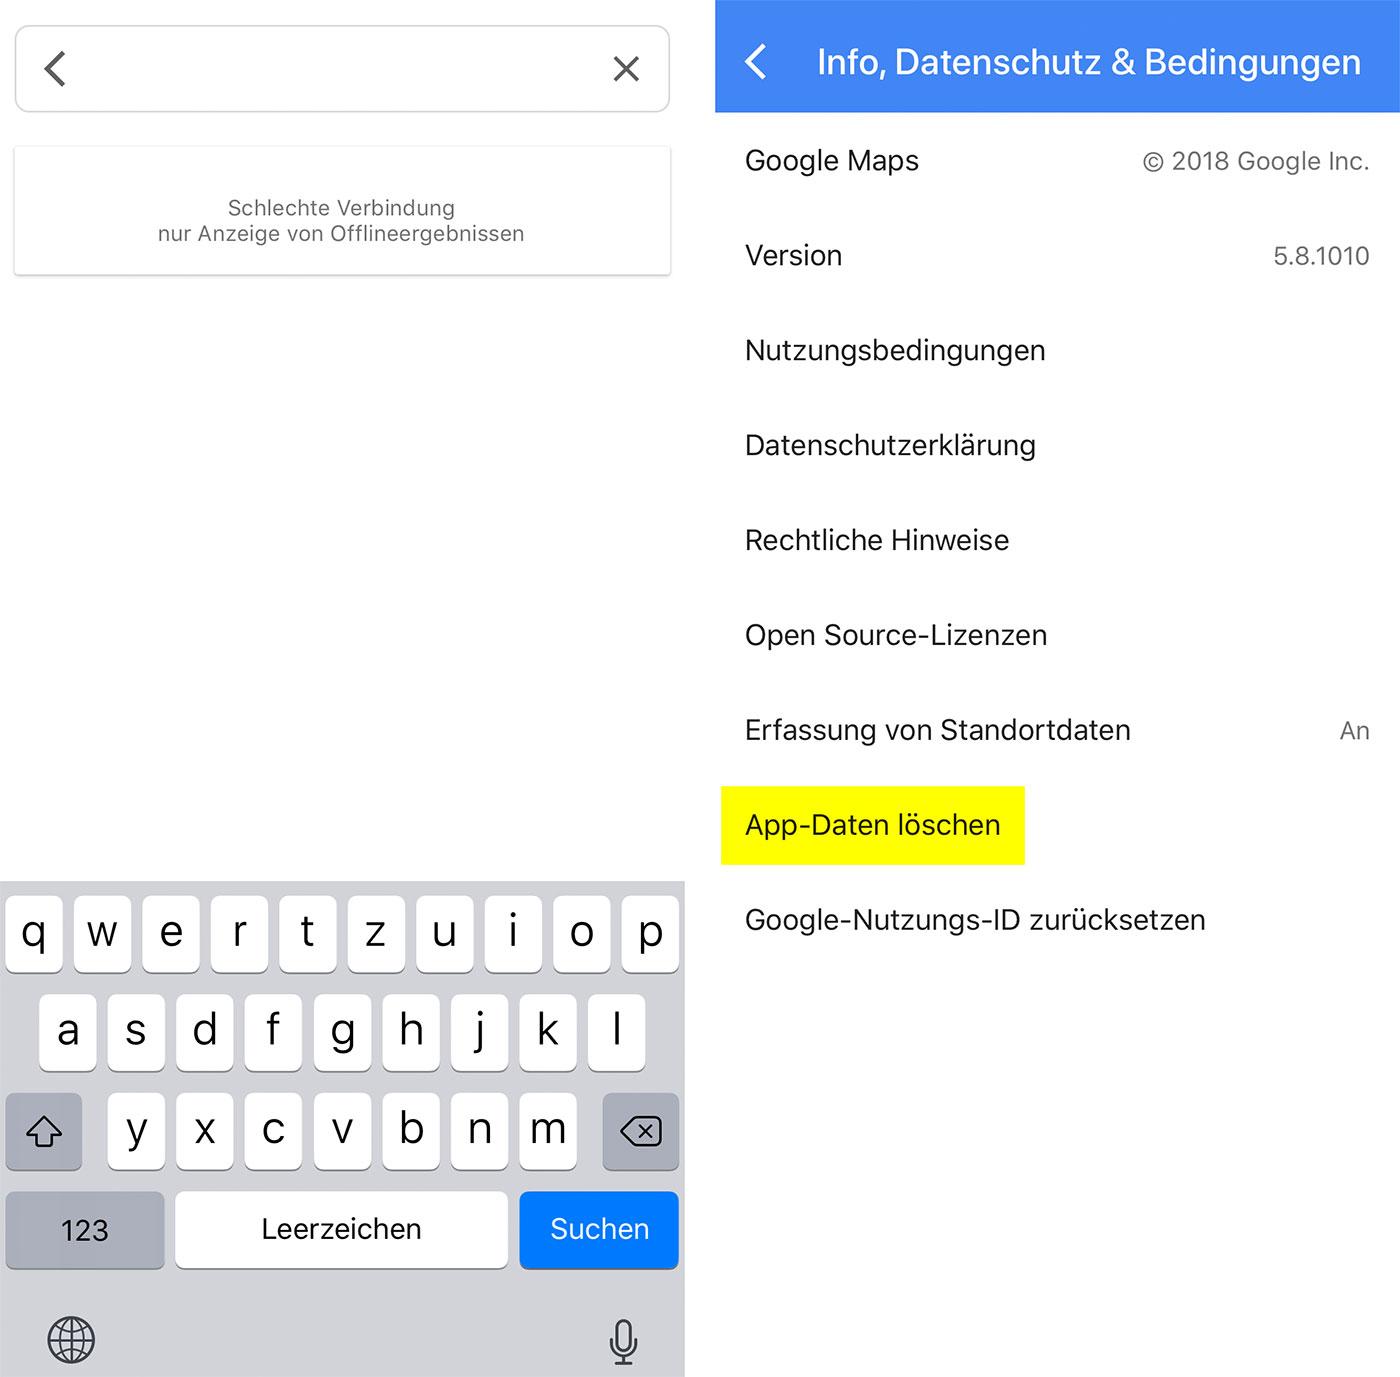 Wenn Google Maps Langsam Ist App Daten Löschen Kann Helfen Iphone